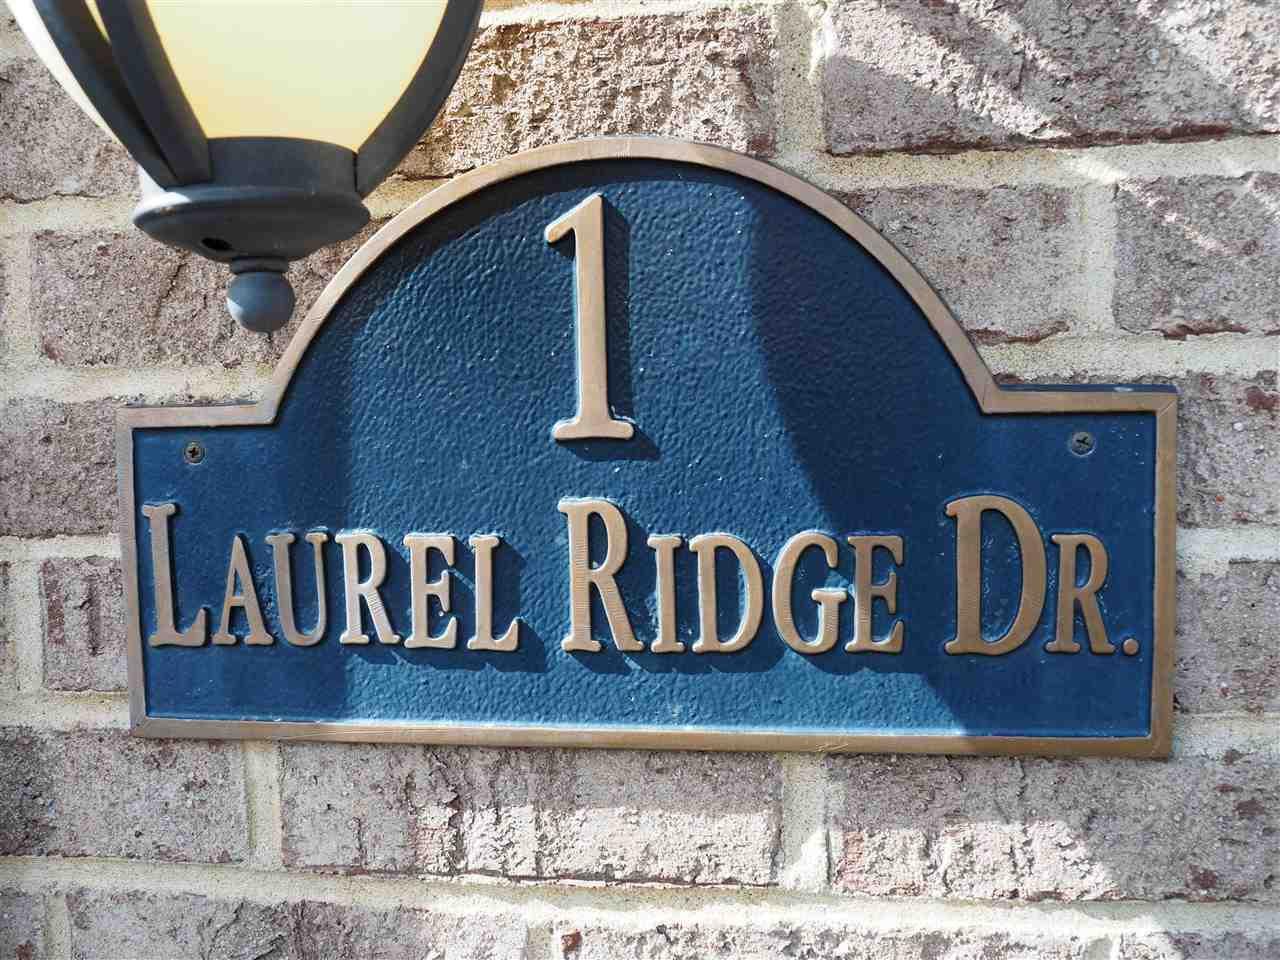 1 Laurel Ridge Dr